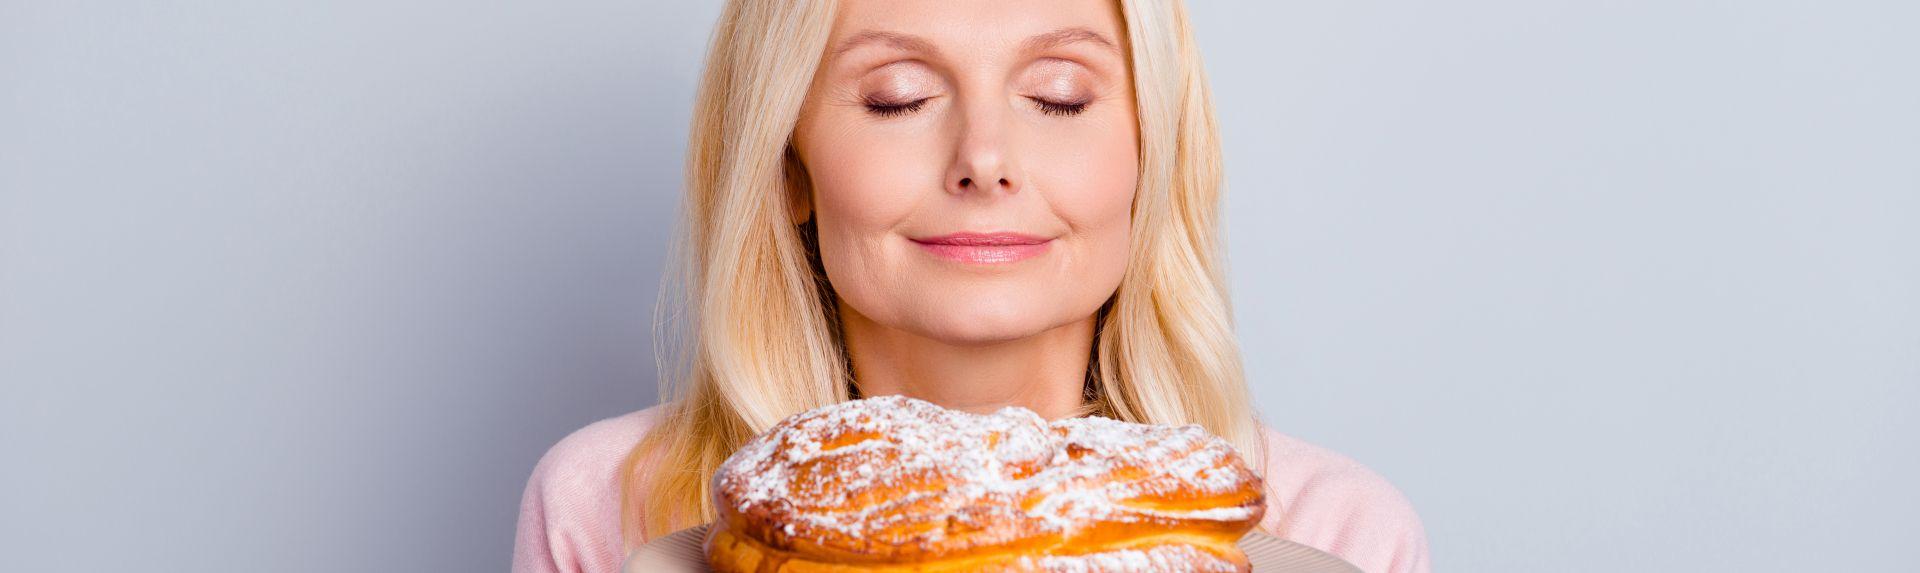 Лишний вес во время менопаузы: почему мы полнеем и как правильнее похудеть?